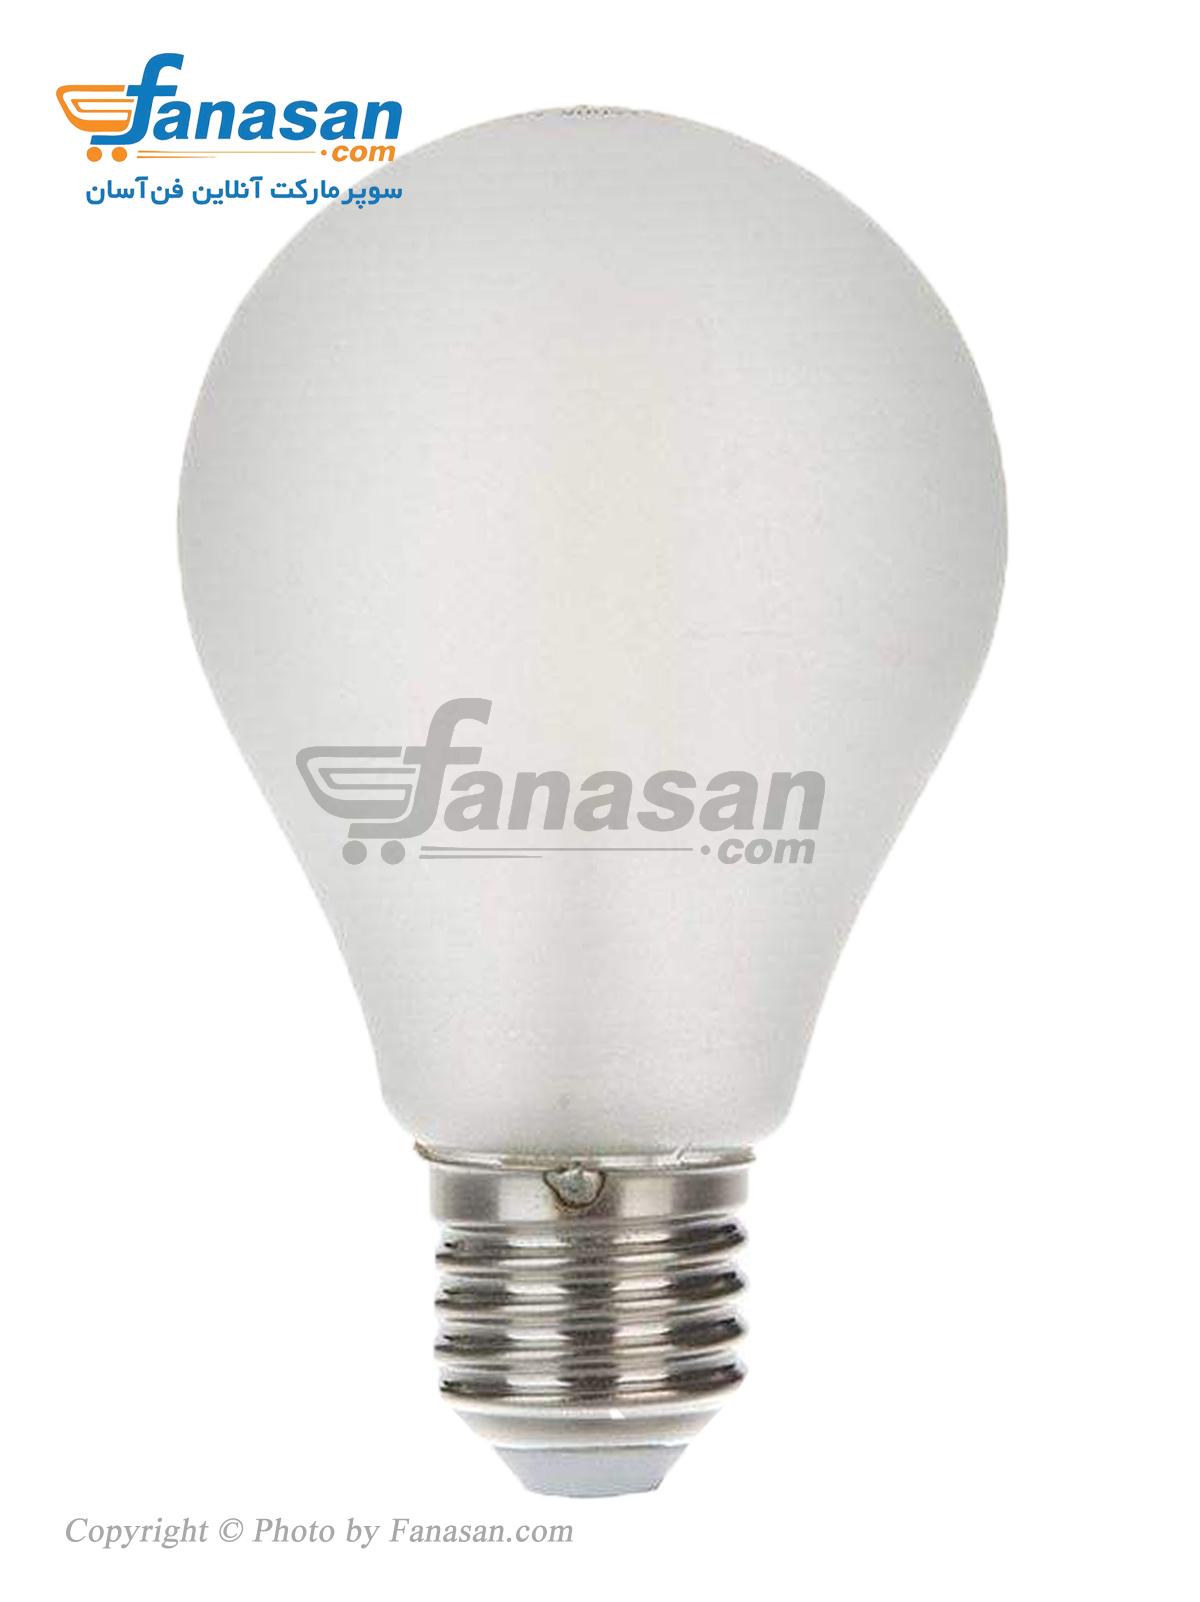 لامپ فیلامنتی مهتابی شعاع سرپیچ پایه E27 مات 12 وات